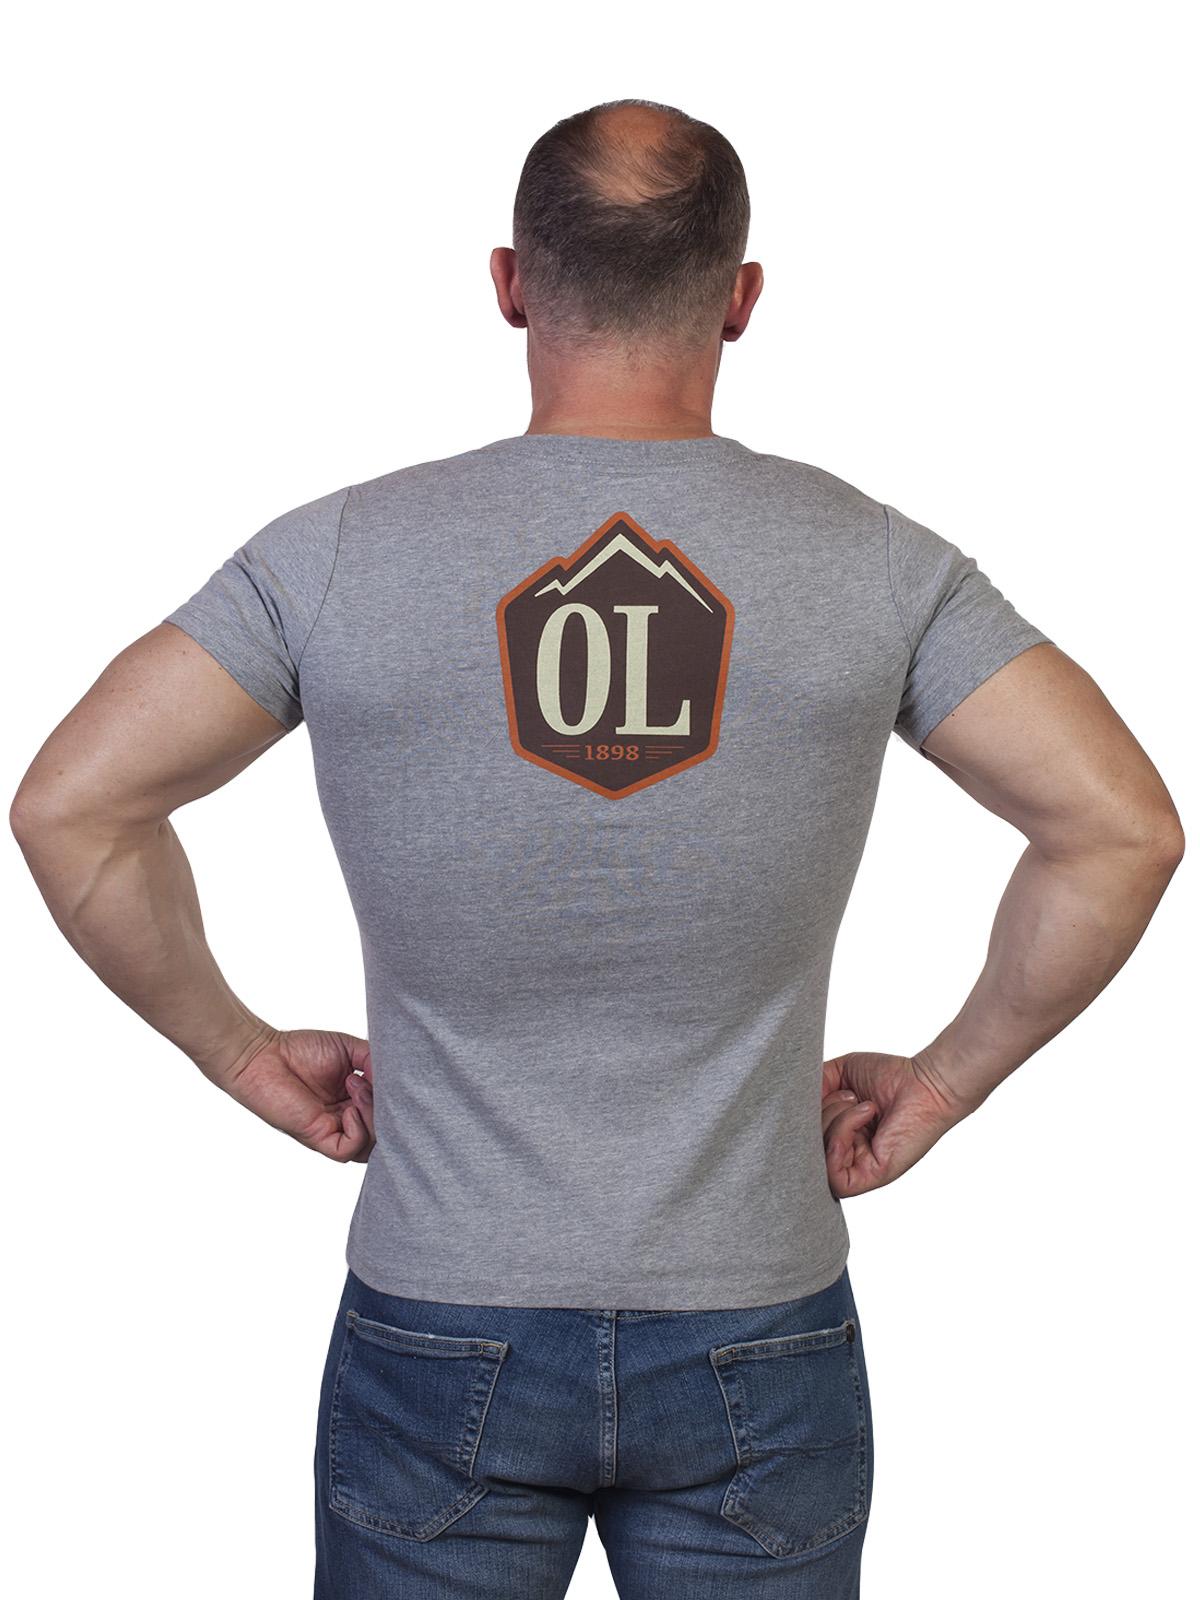 Оригинальная мужская футболка Outdoor life - купить в розницу